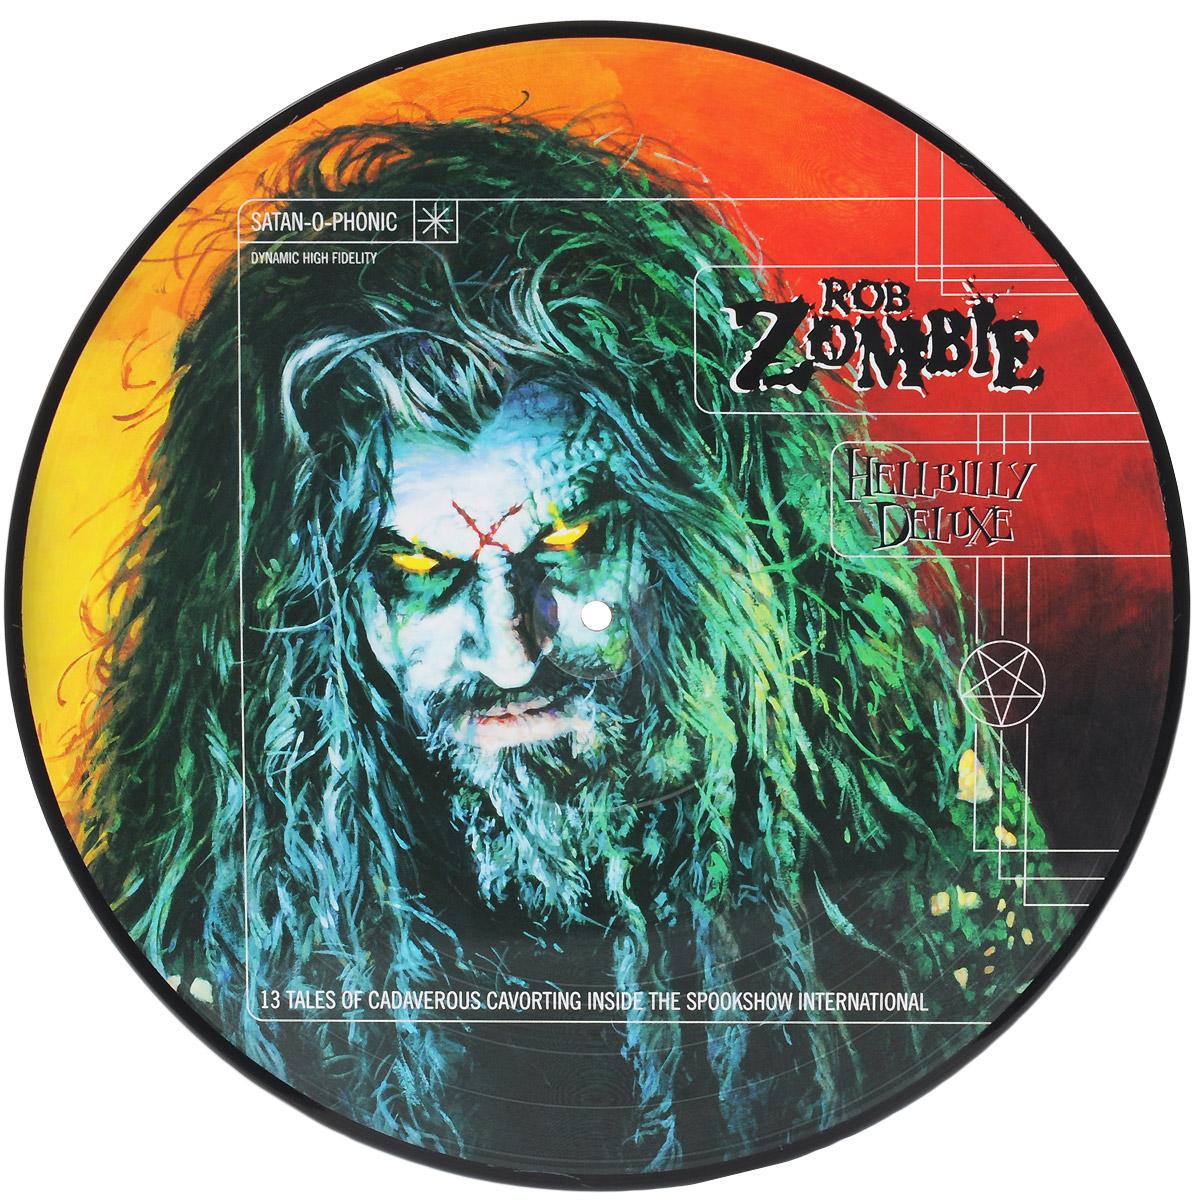 Роб Зомби Rob Zombie. Hellbilly Deluxe (LP) роб зомби rob zombie the sinister urge lp